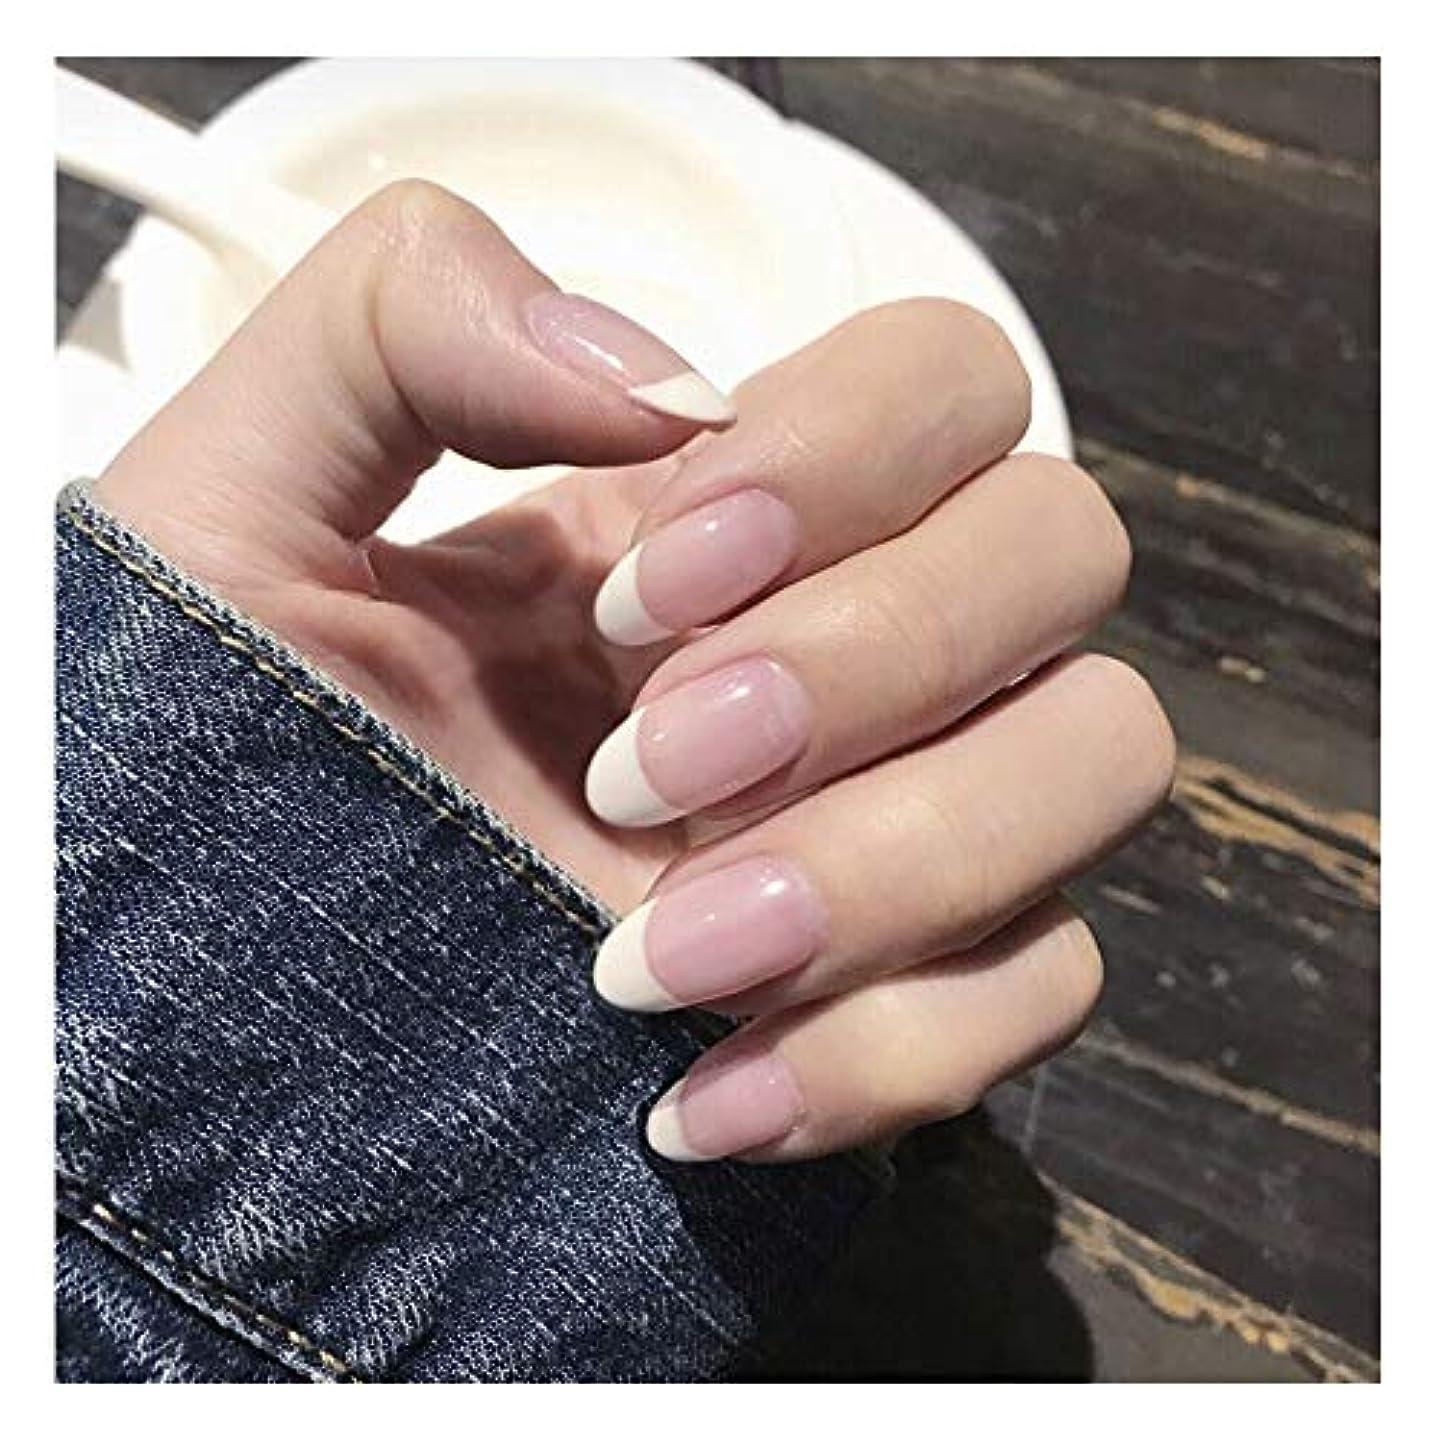 首相有名人ばかげているLVUITTON 透明ピンク+ホワイト下部偽爪ロングネイルズグルー完成ネイル偽爪を指摘しました (色 : 24 pieces)